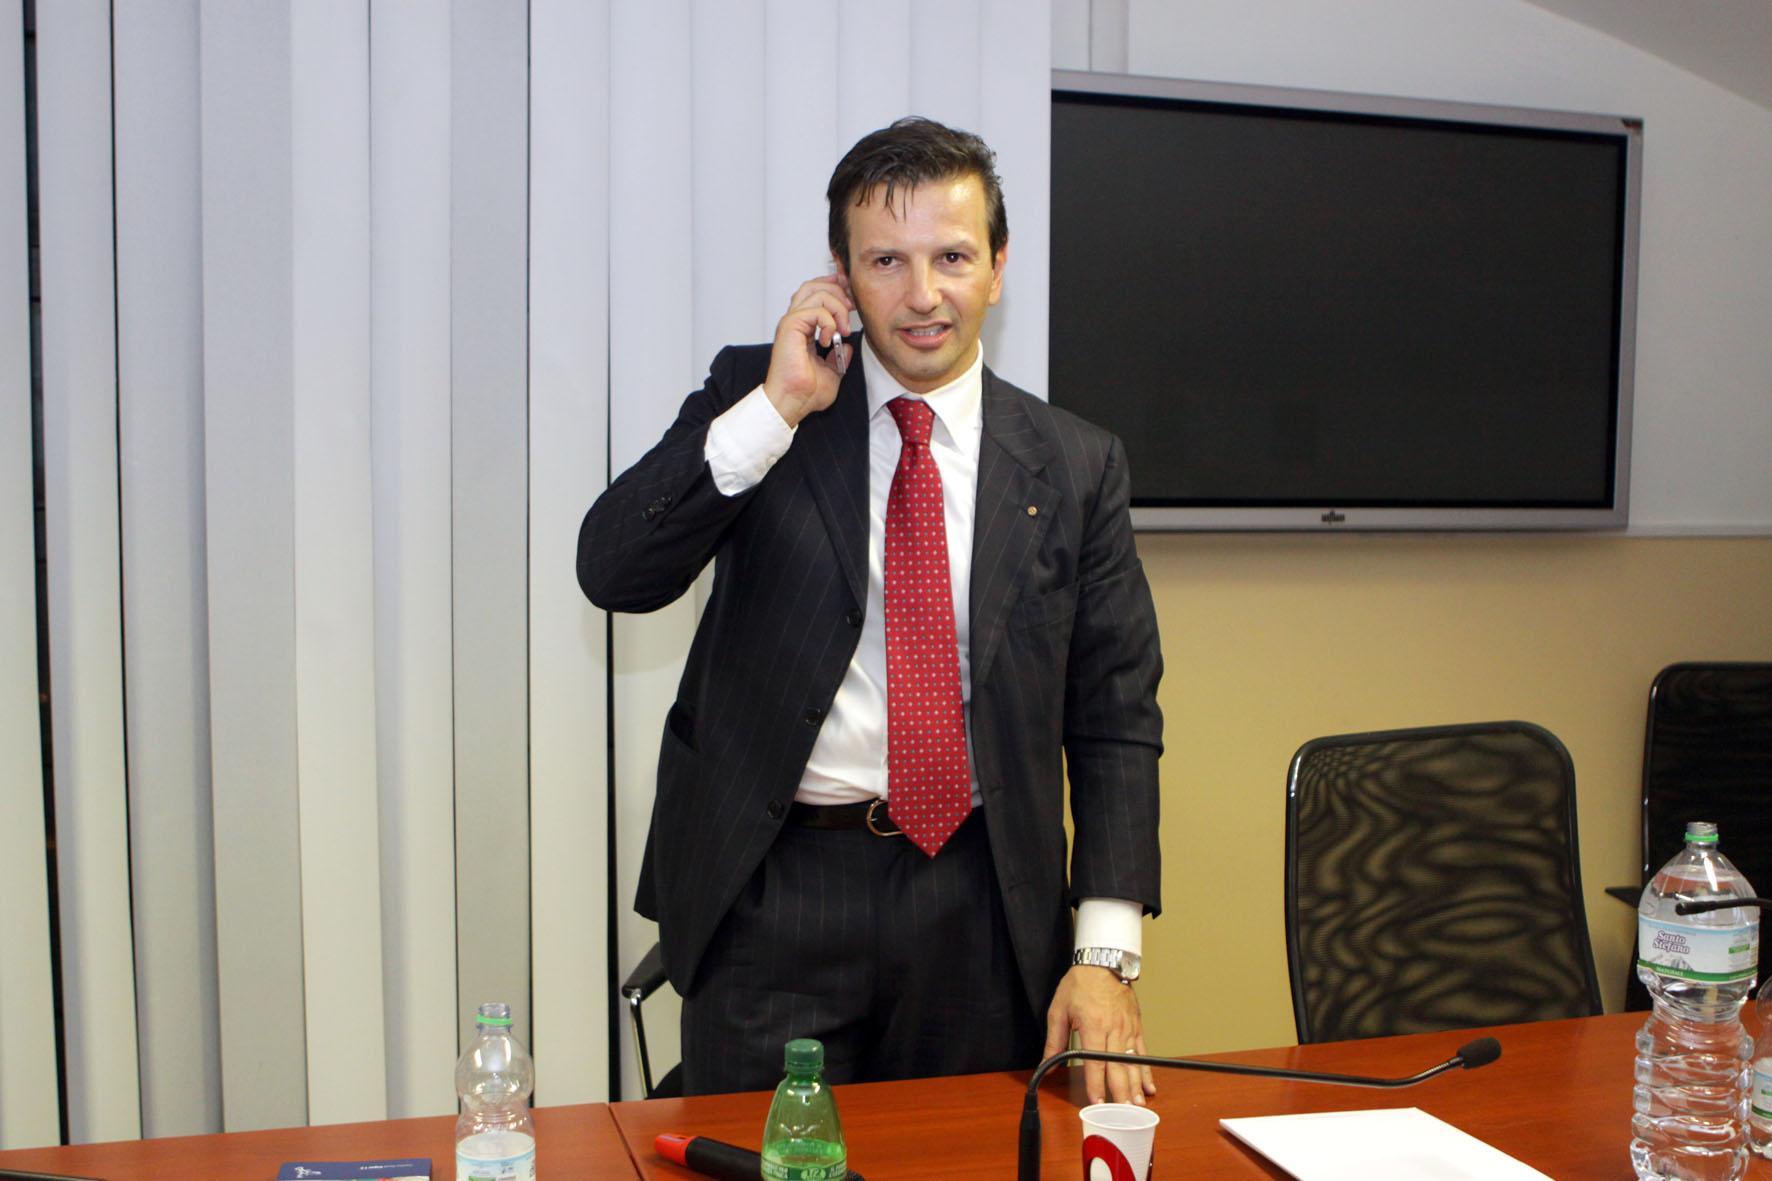 Antonio Lombardi - L'Importanza di un Professionista Attento alla Qualità del Lavoro.